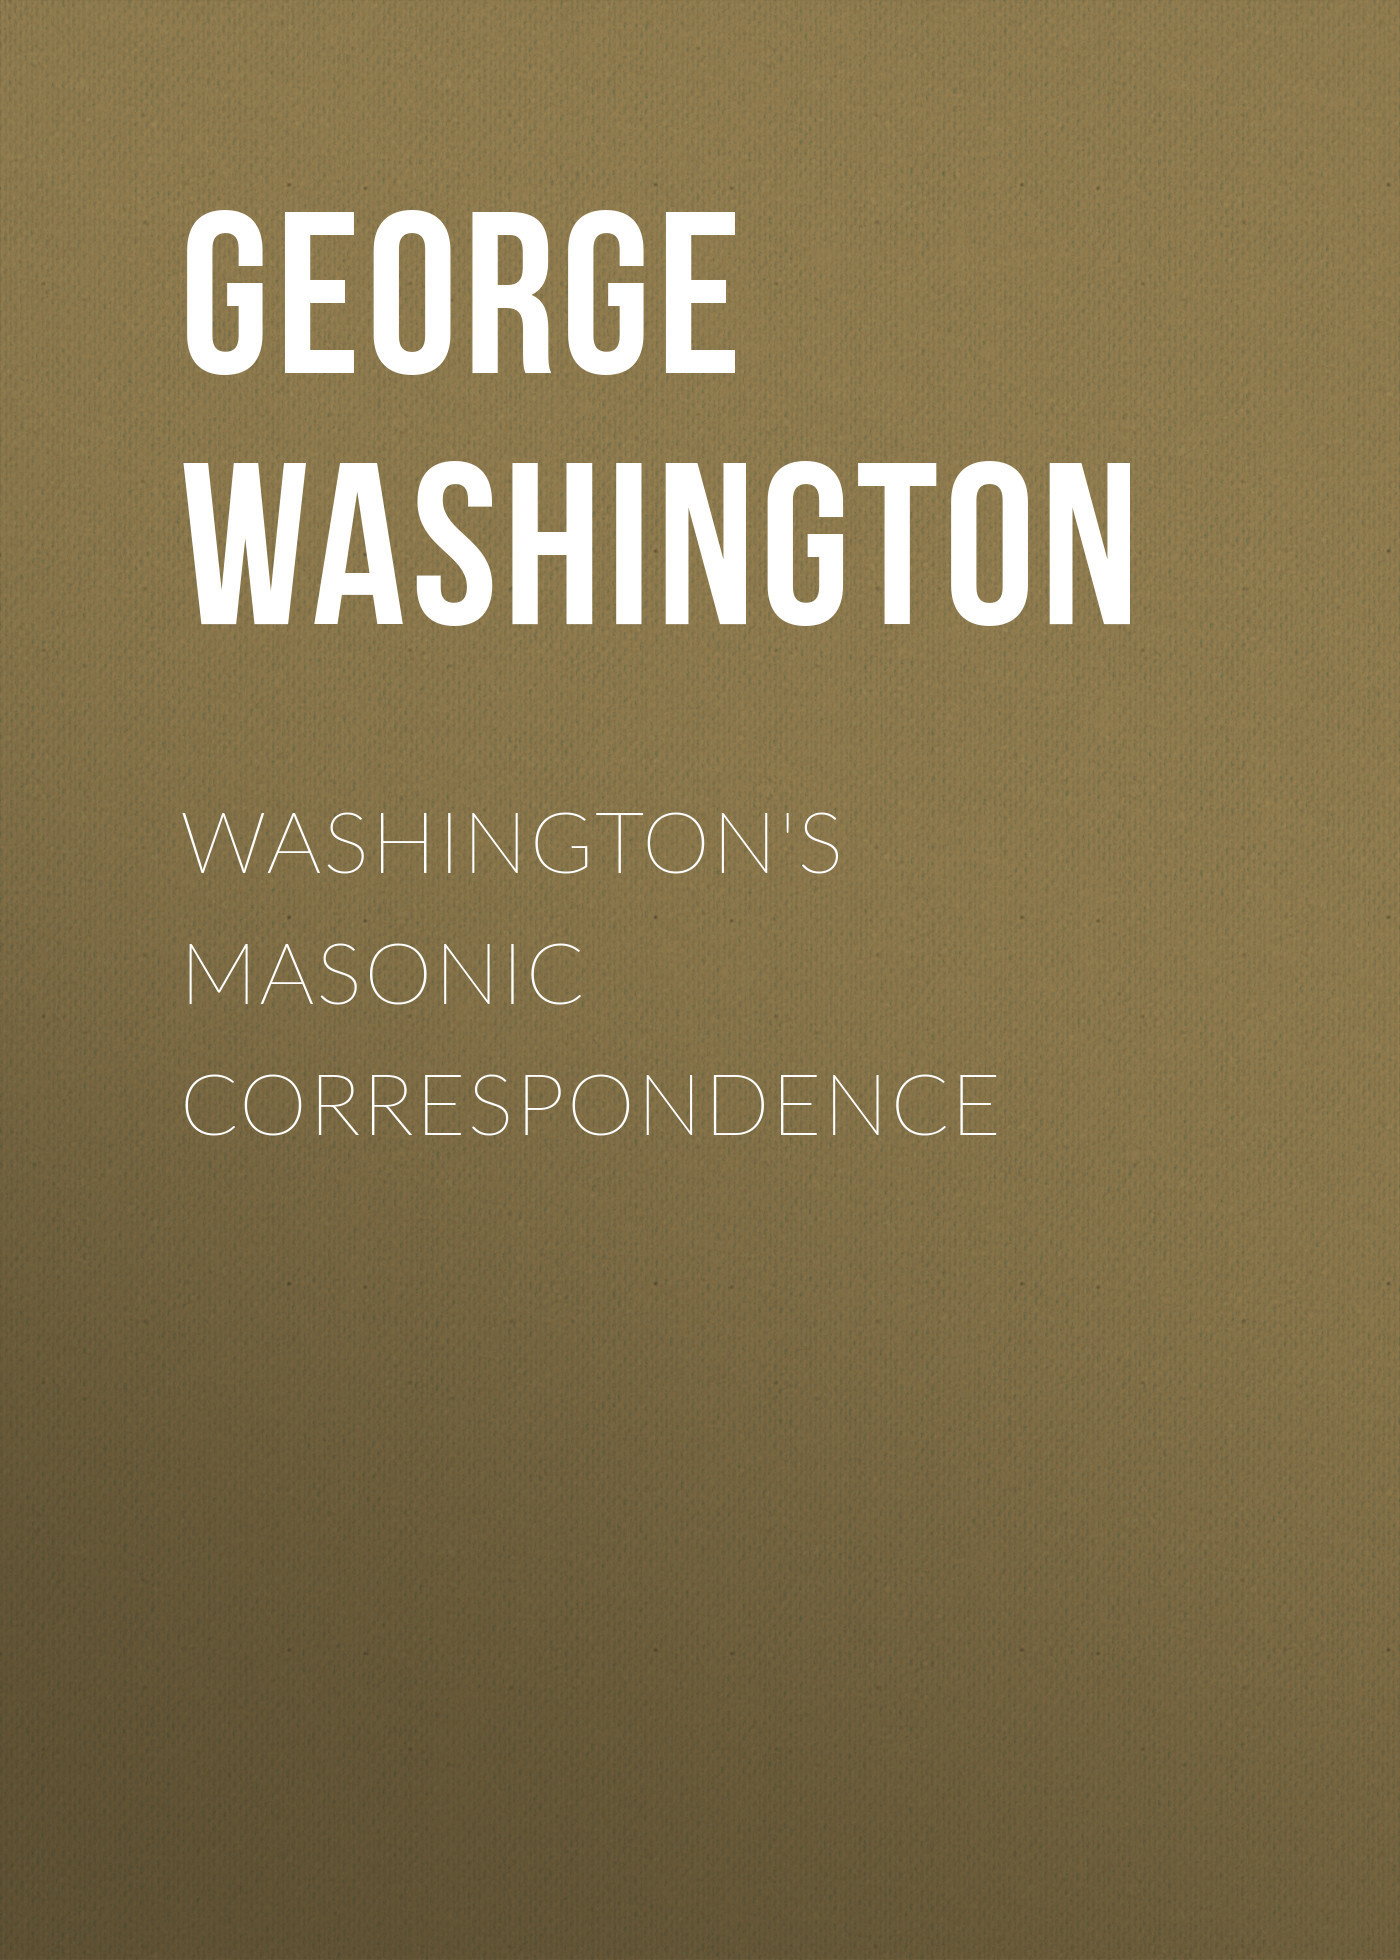 George Washington Washington's Masonic Correspondence wodehouse p g not george washington